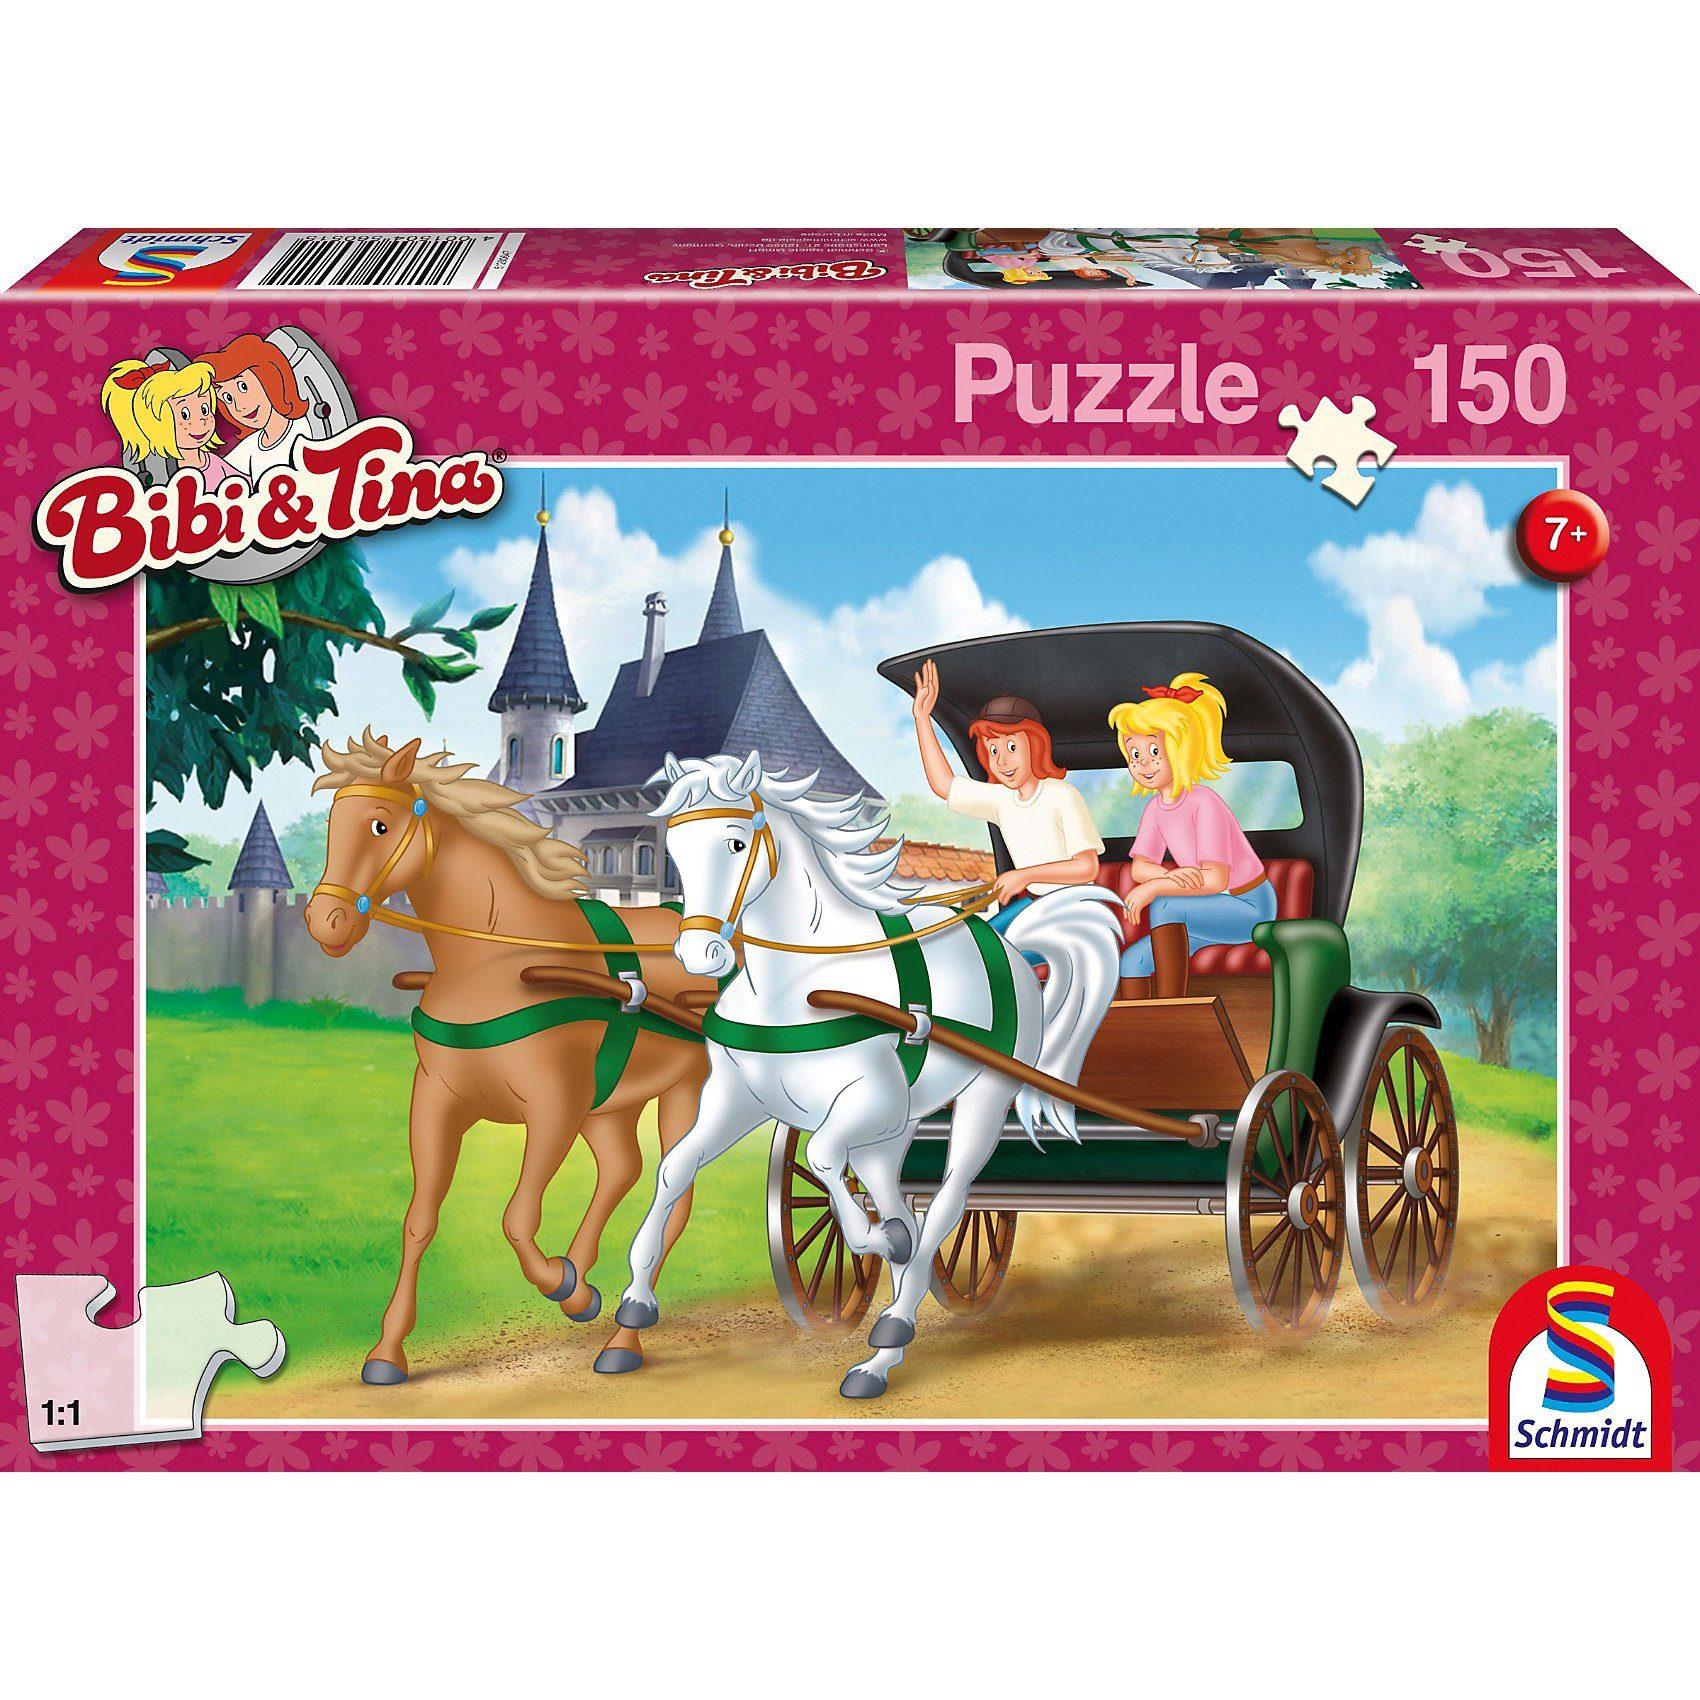 Schmidt Spiele Puzzle Bibi & Tina, Kutschfahrt, 150 Teile